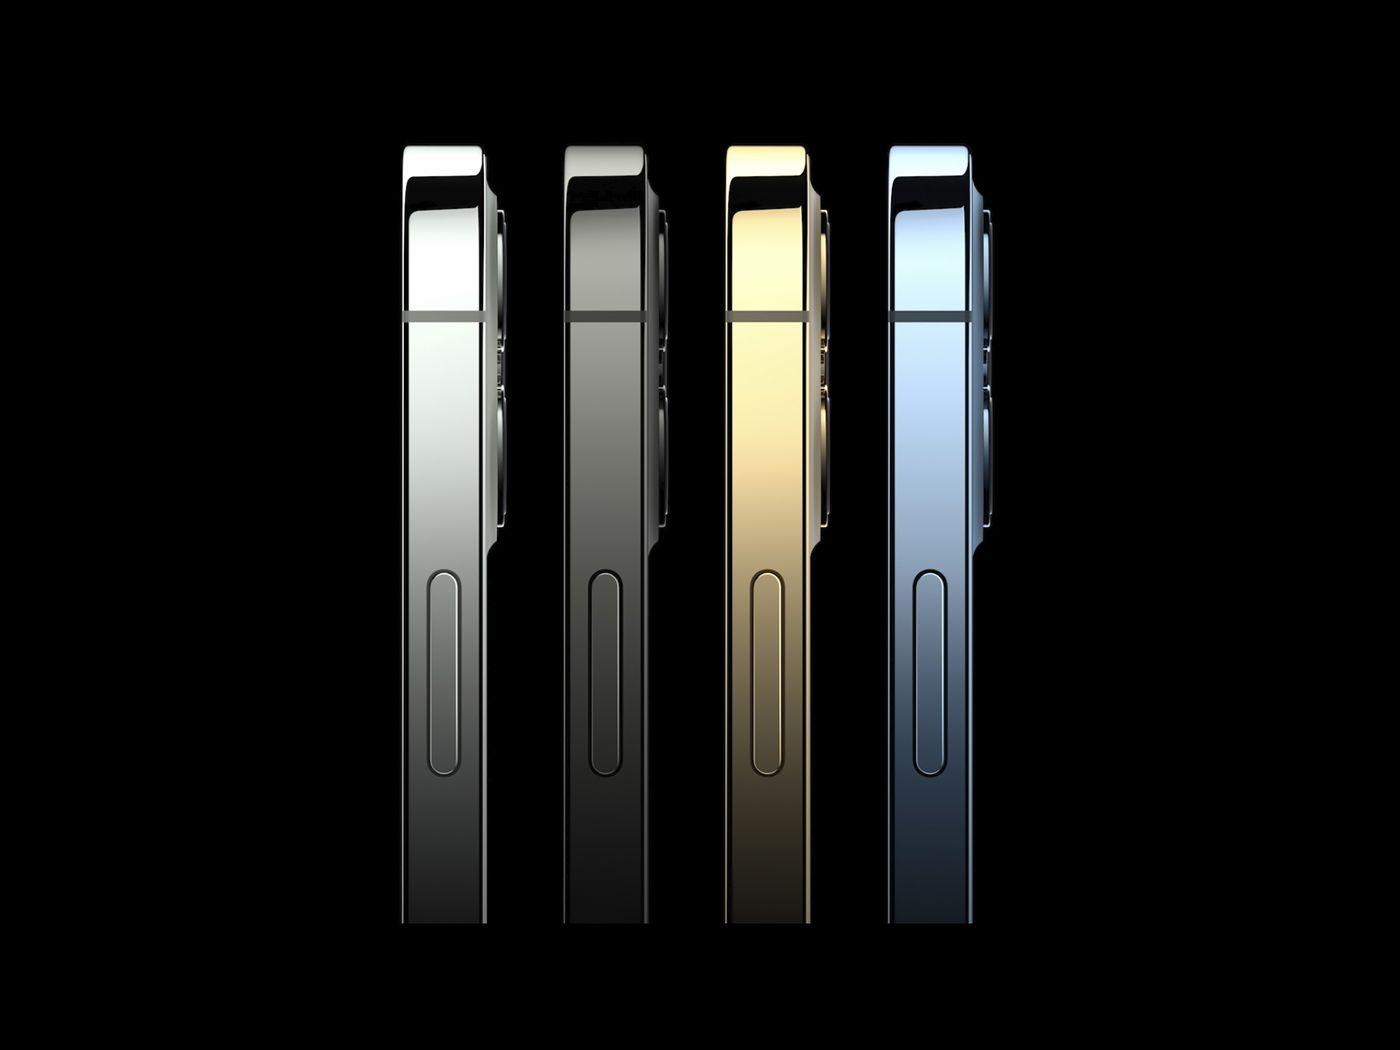 """iPhone 12 có giá rất đắt như thường lệ nhưng vì sao vẫn """"xắt ra miếng""""? - 3"""